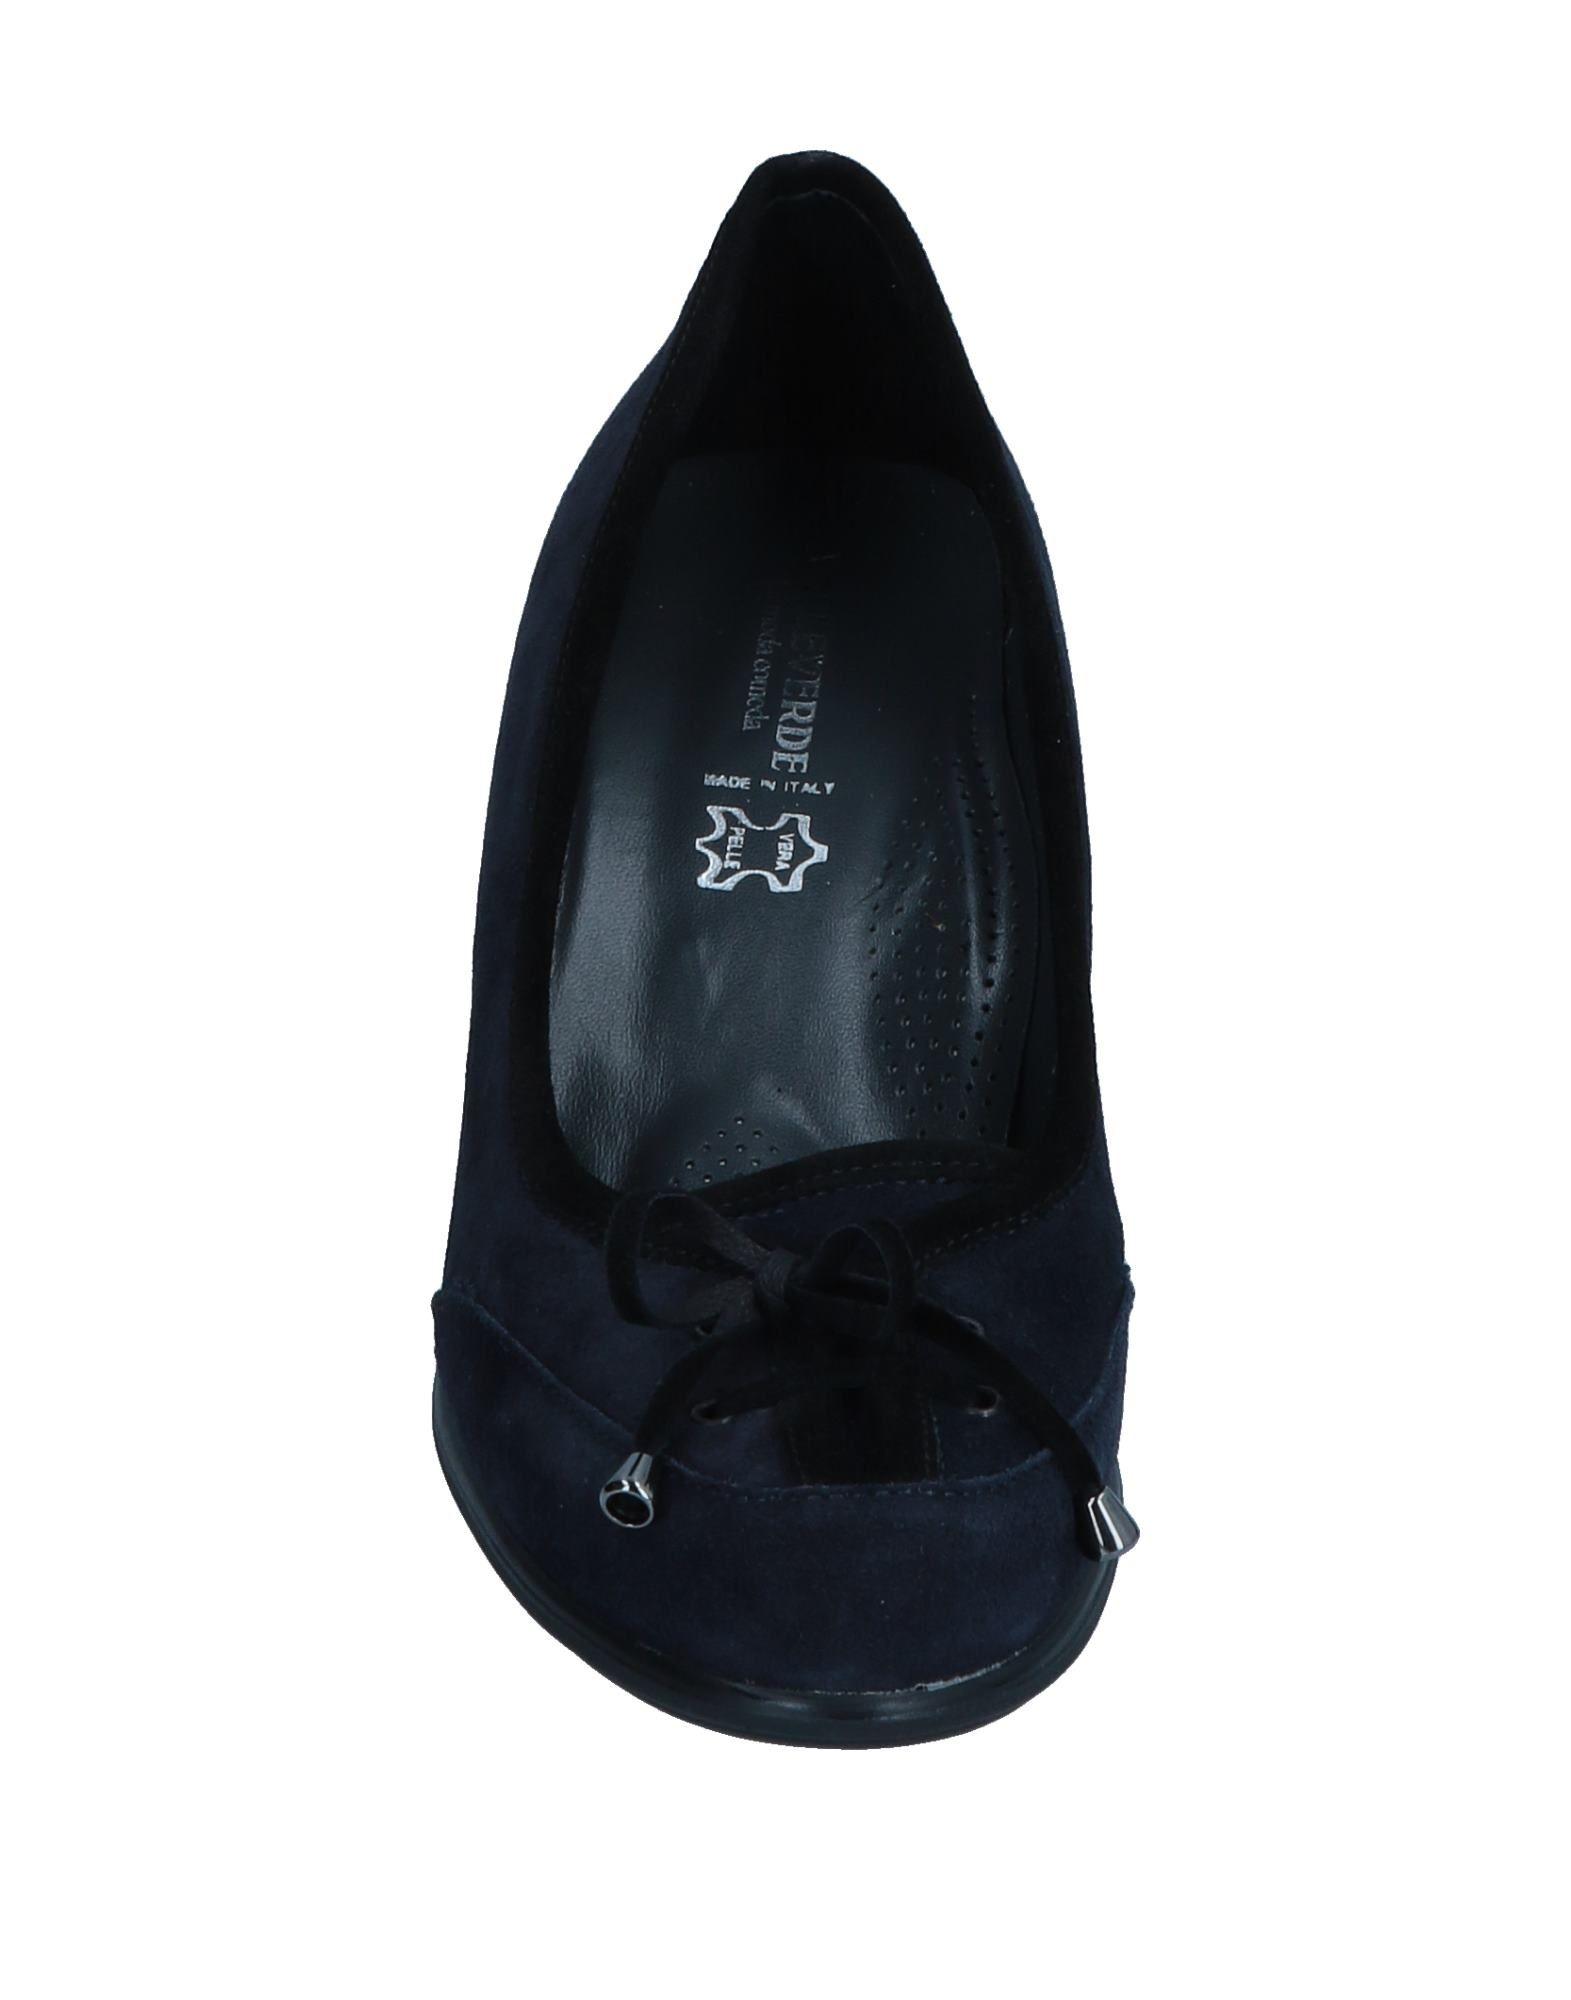 Valleverde Pumps Damen beliebte  11547494AW Gute Qualität beliebte Damen Schuhe c4b9bc